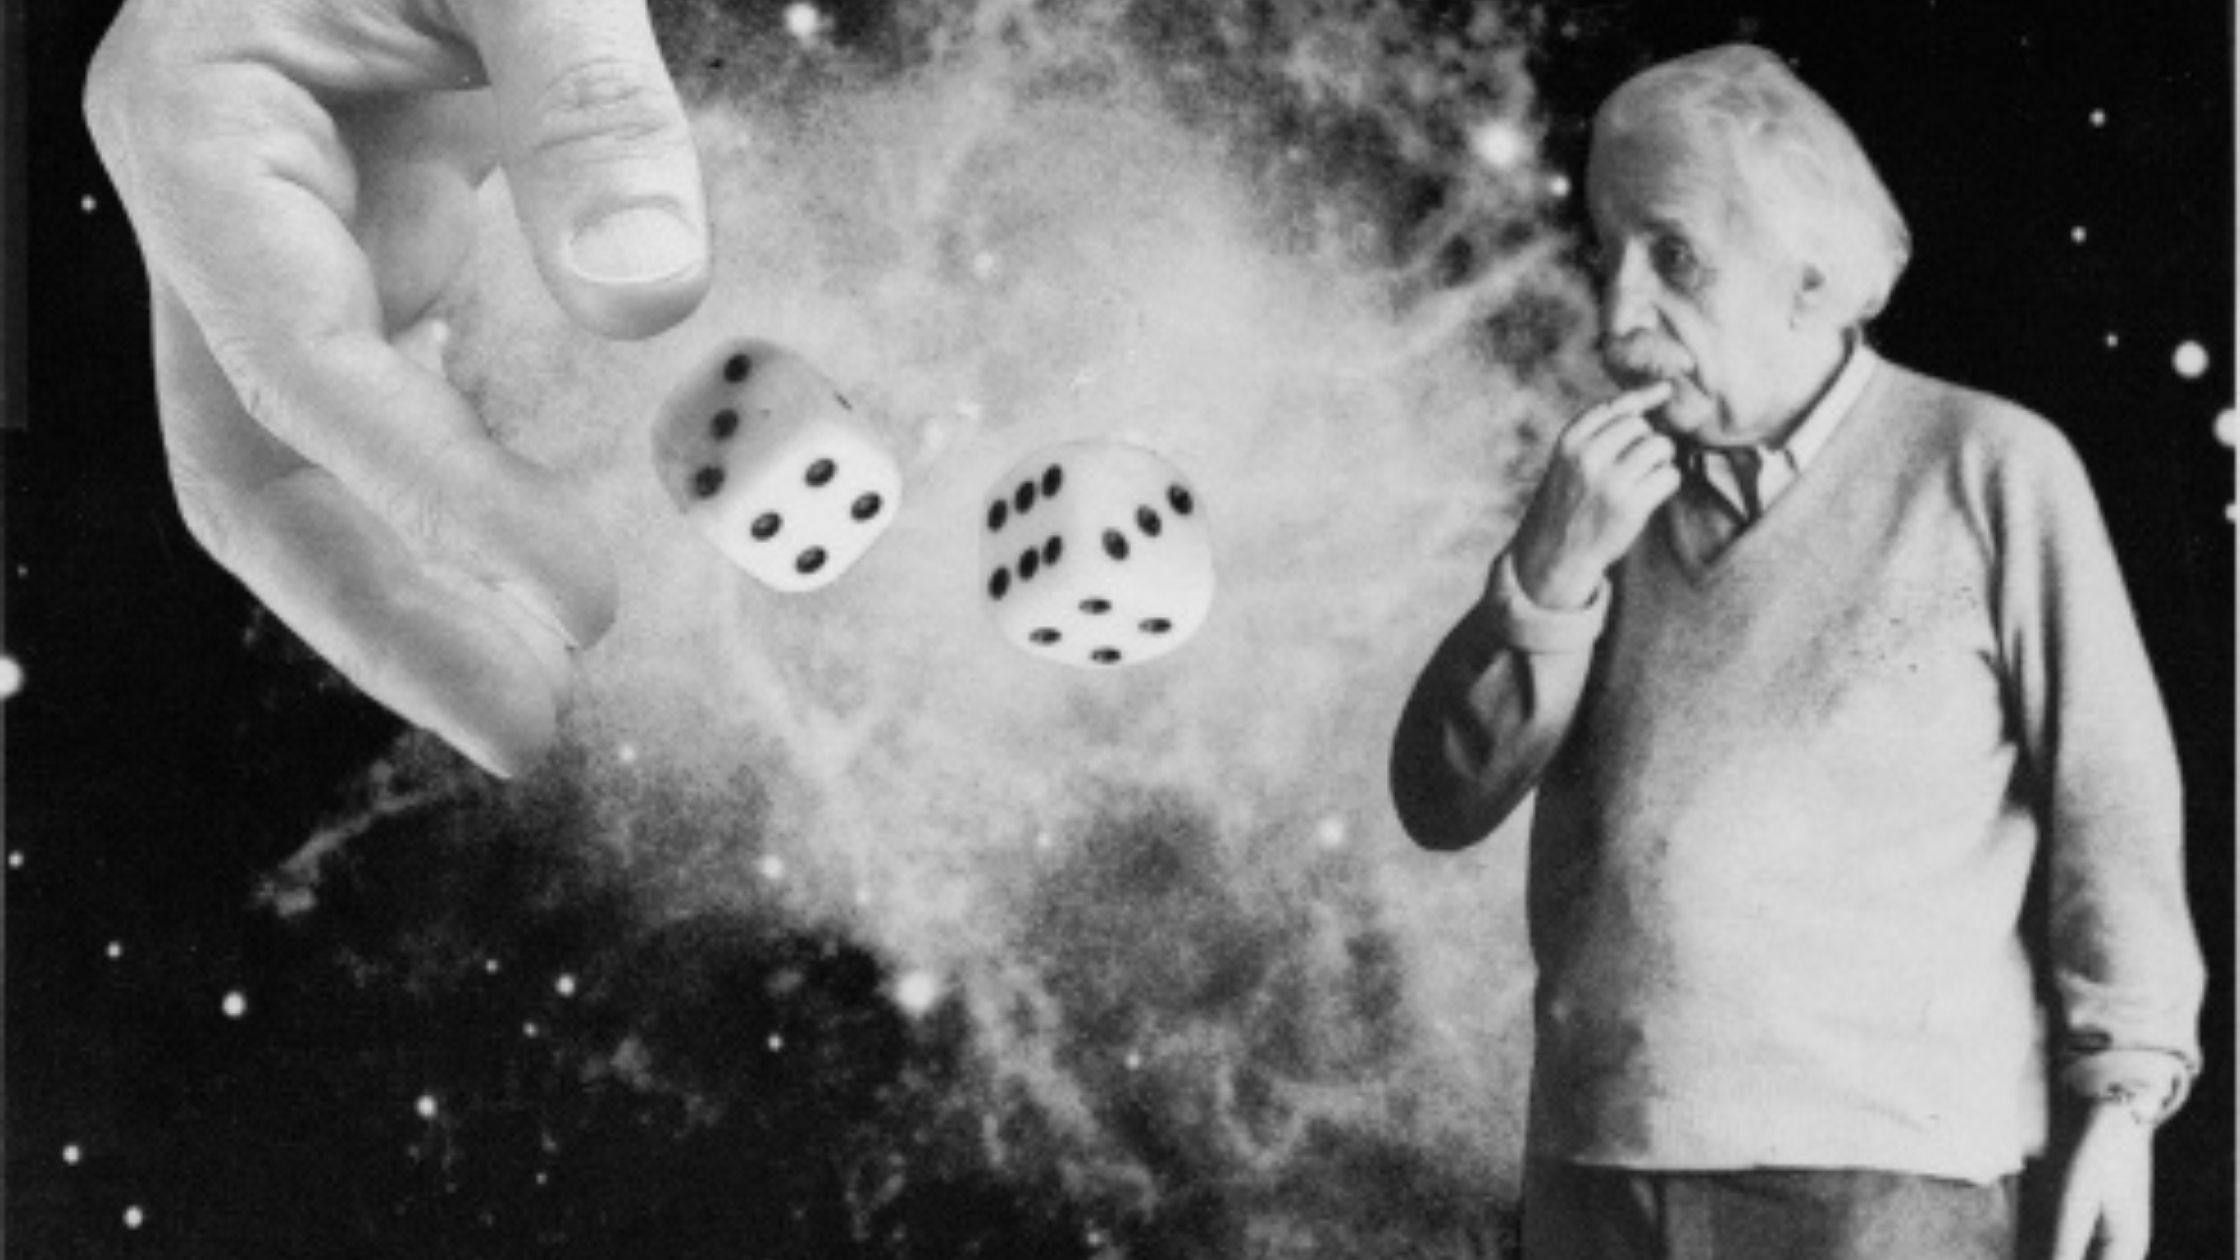 Scienza, pseudoscienza e dogmi